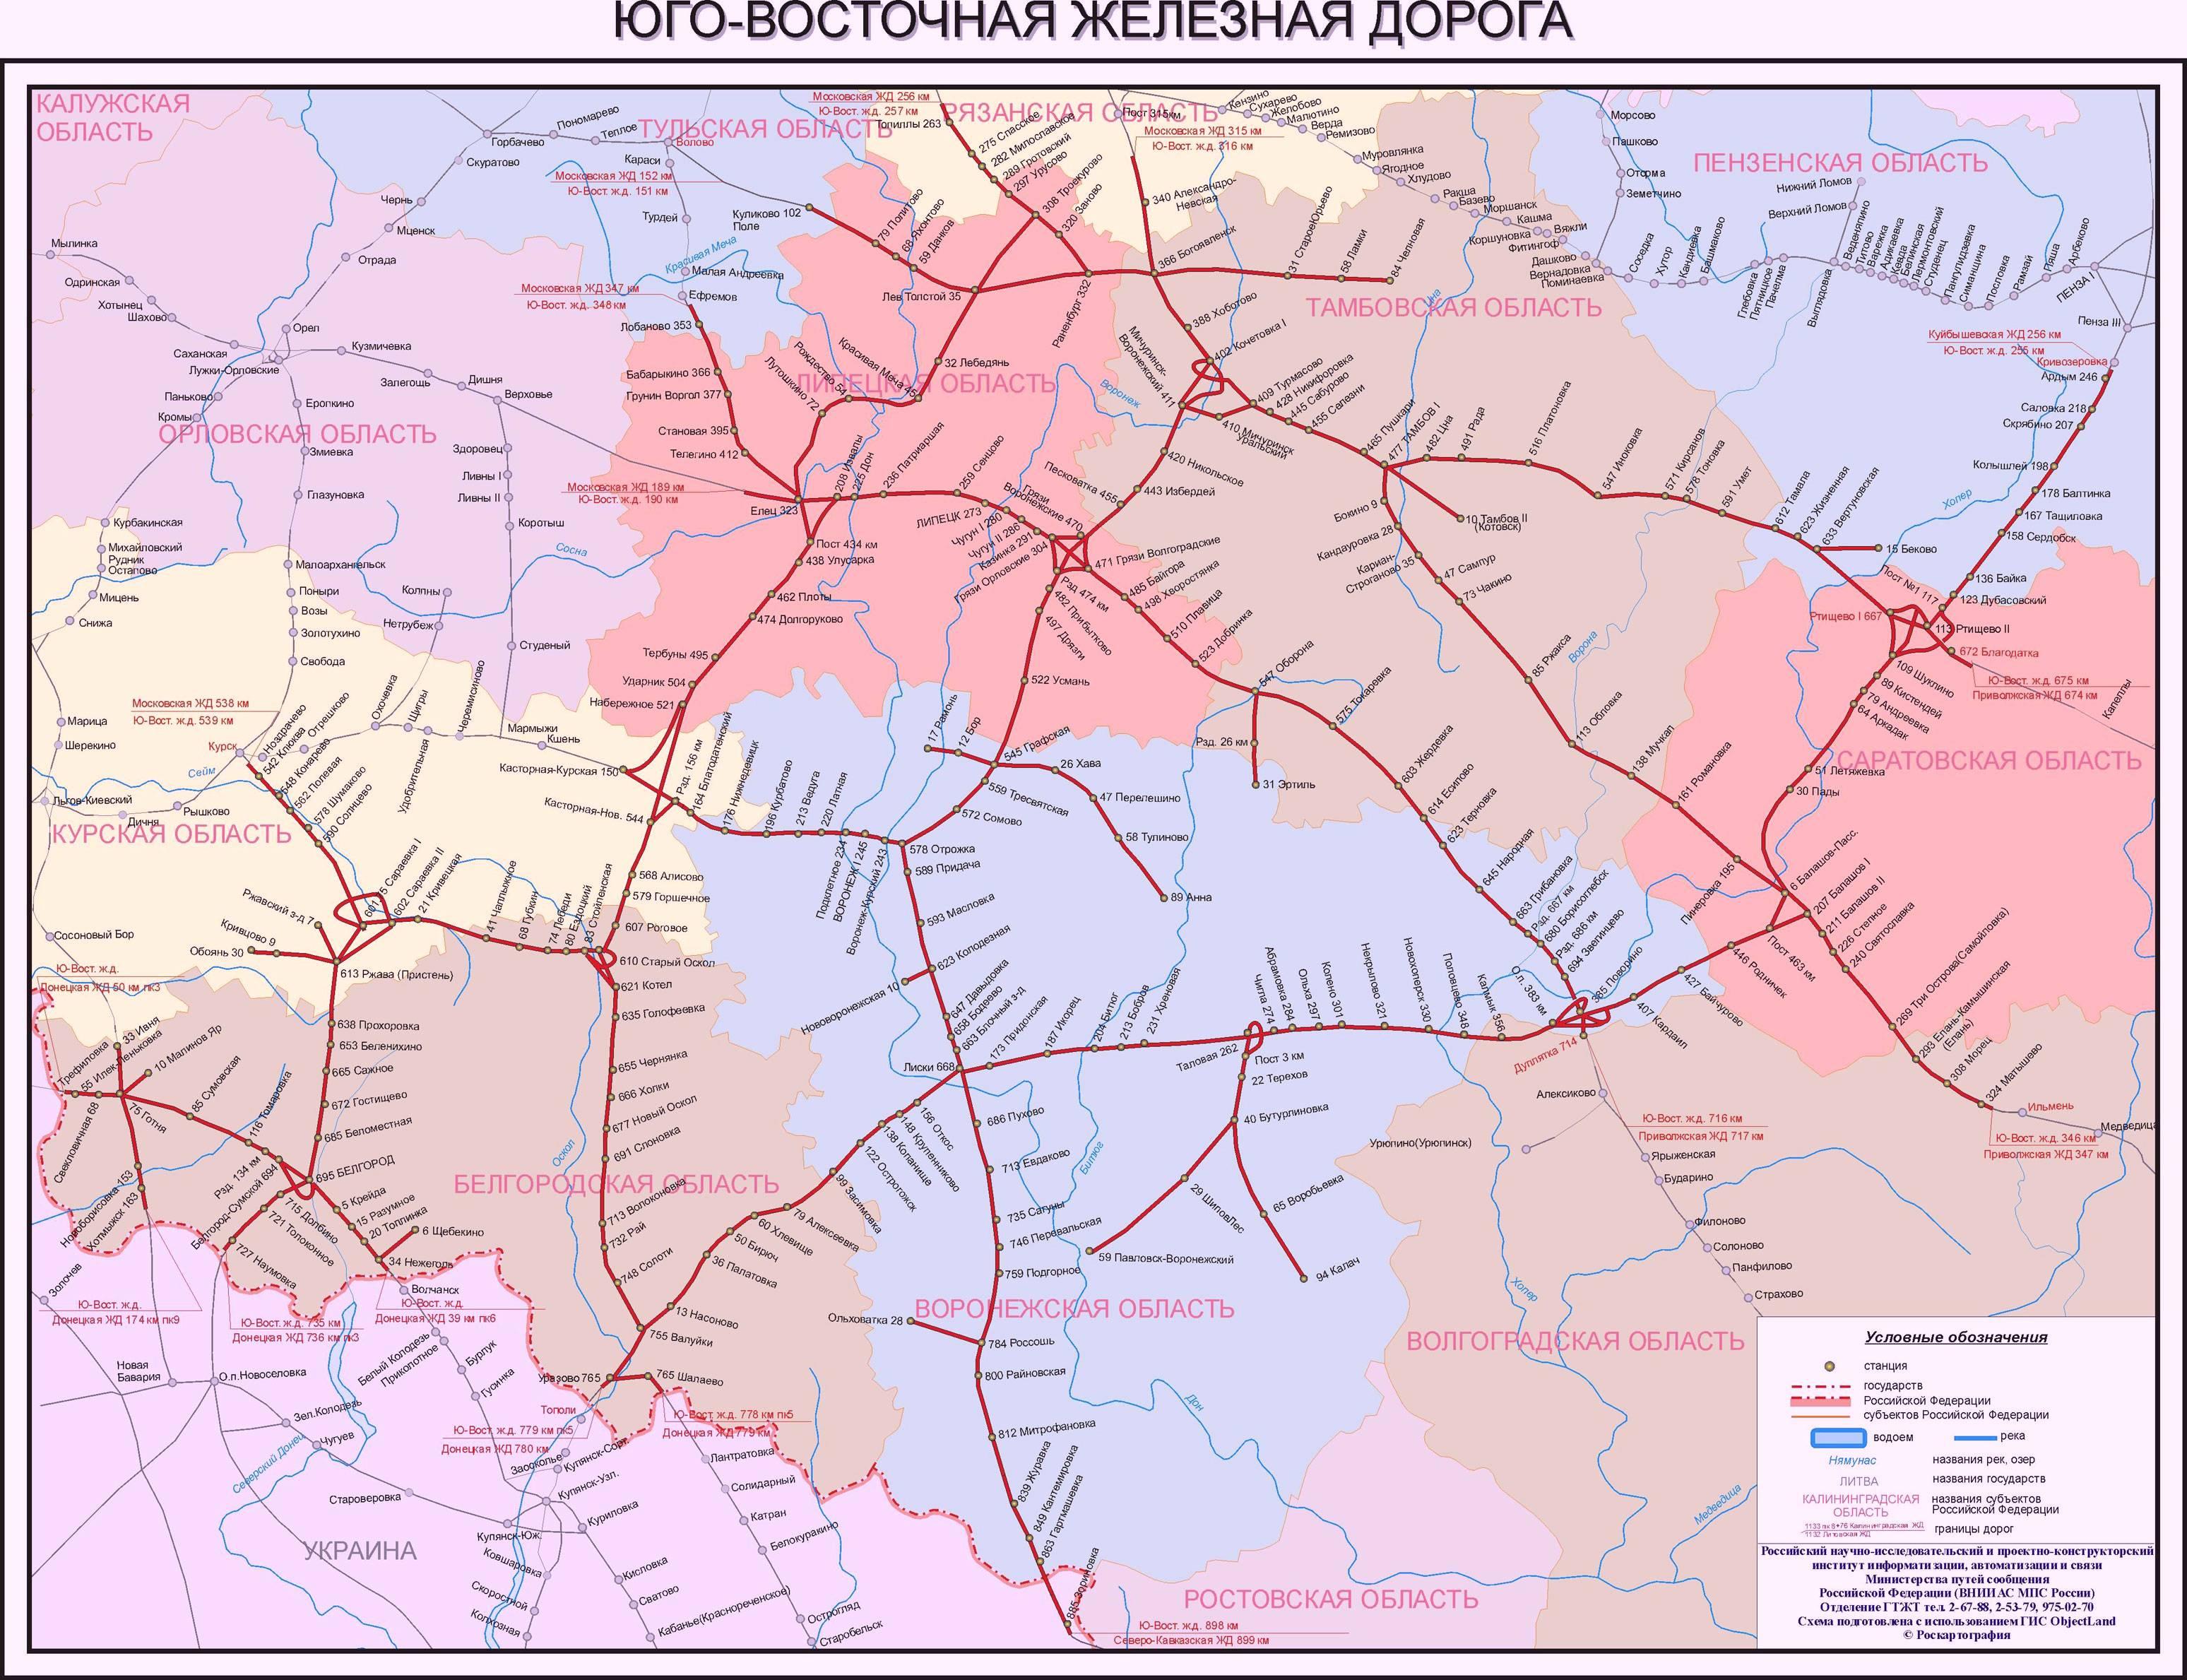 Железные дороги польши: схема движения, время отправки, бронирование